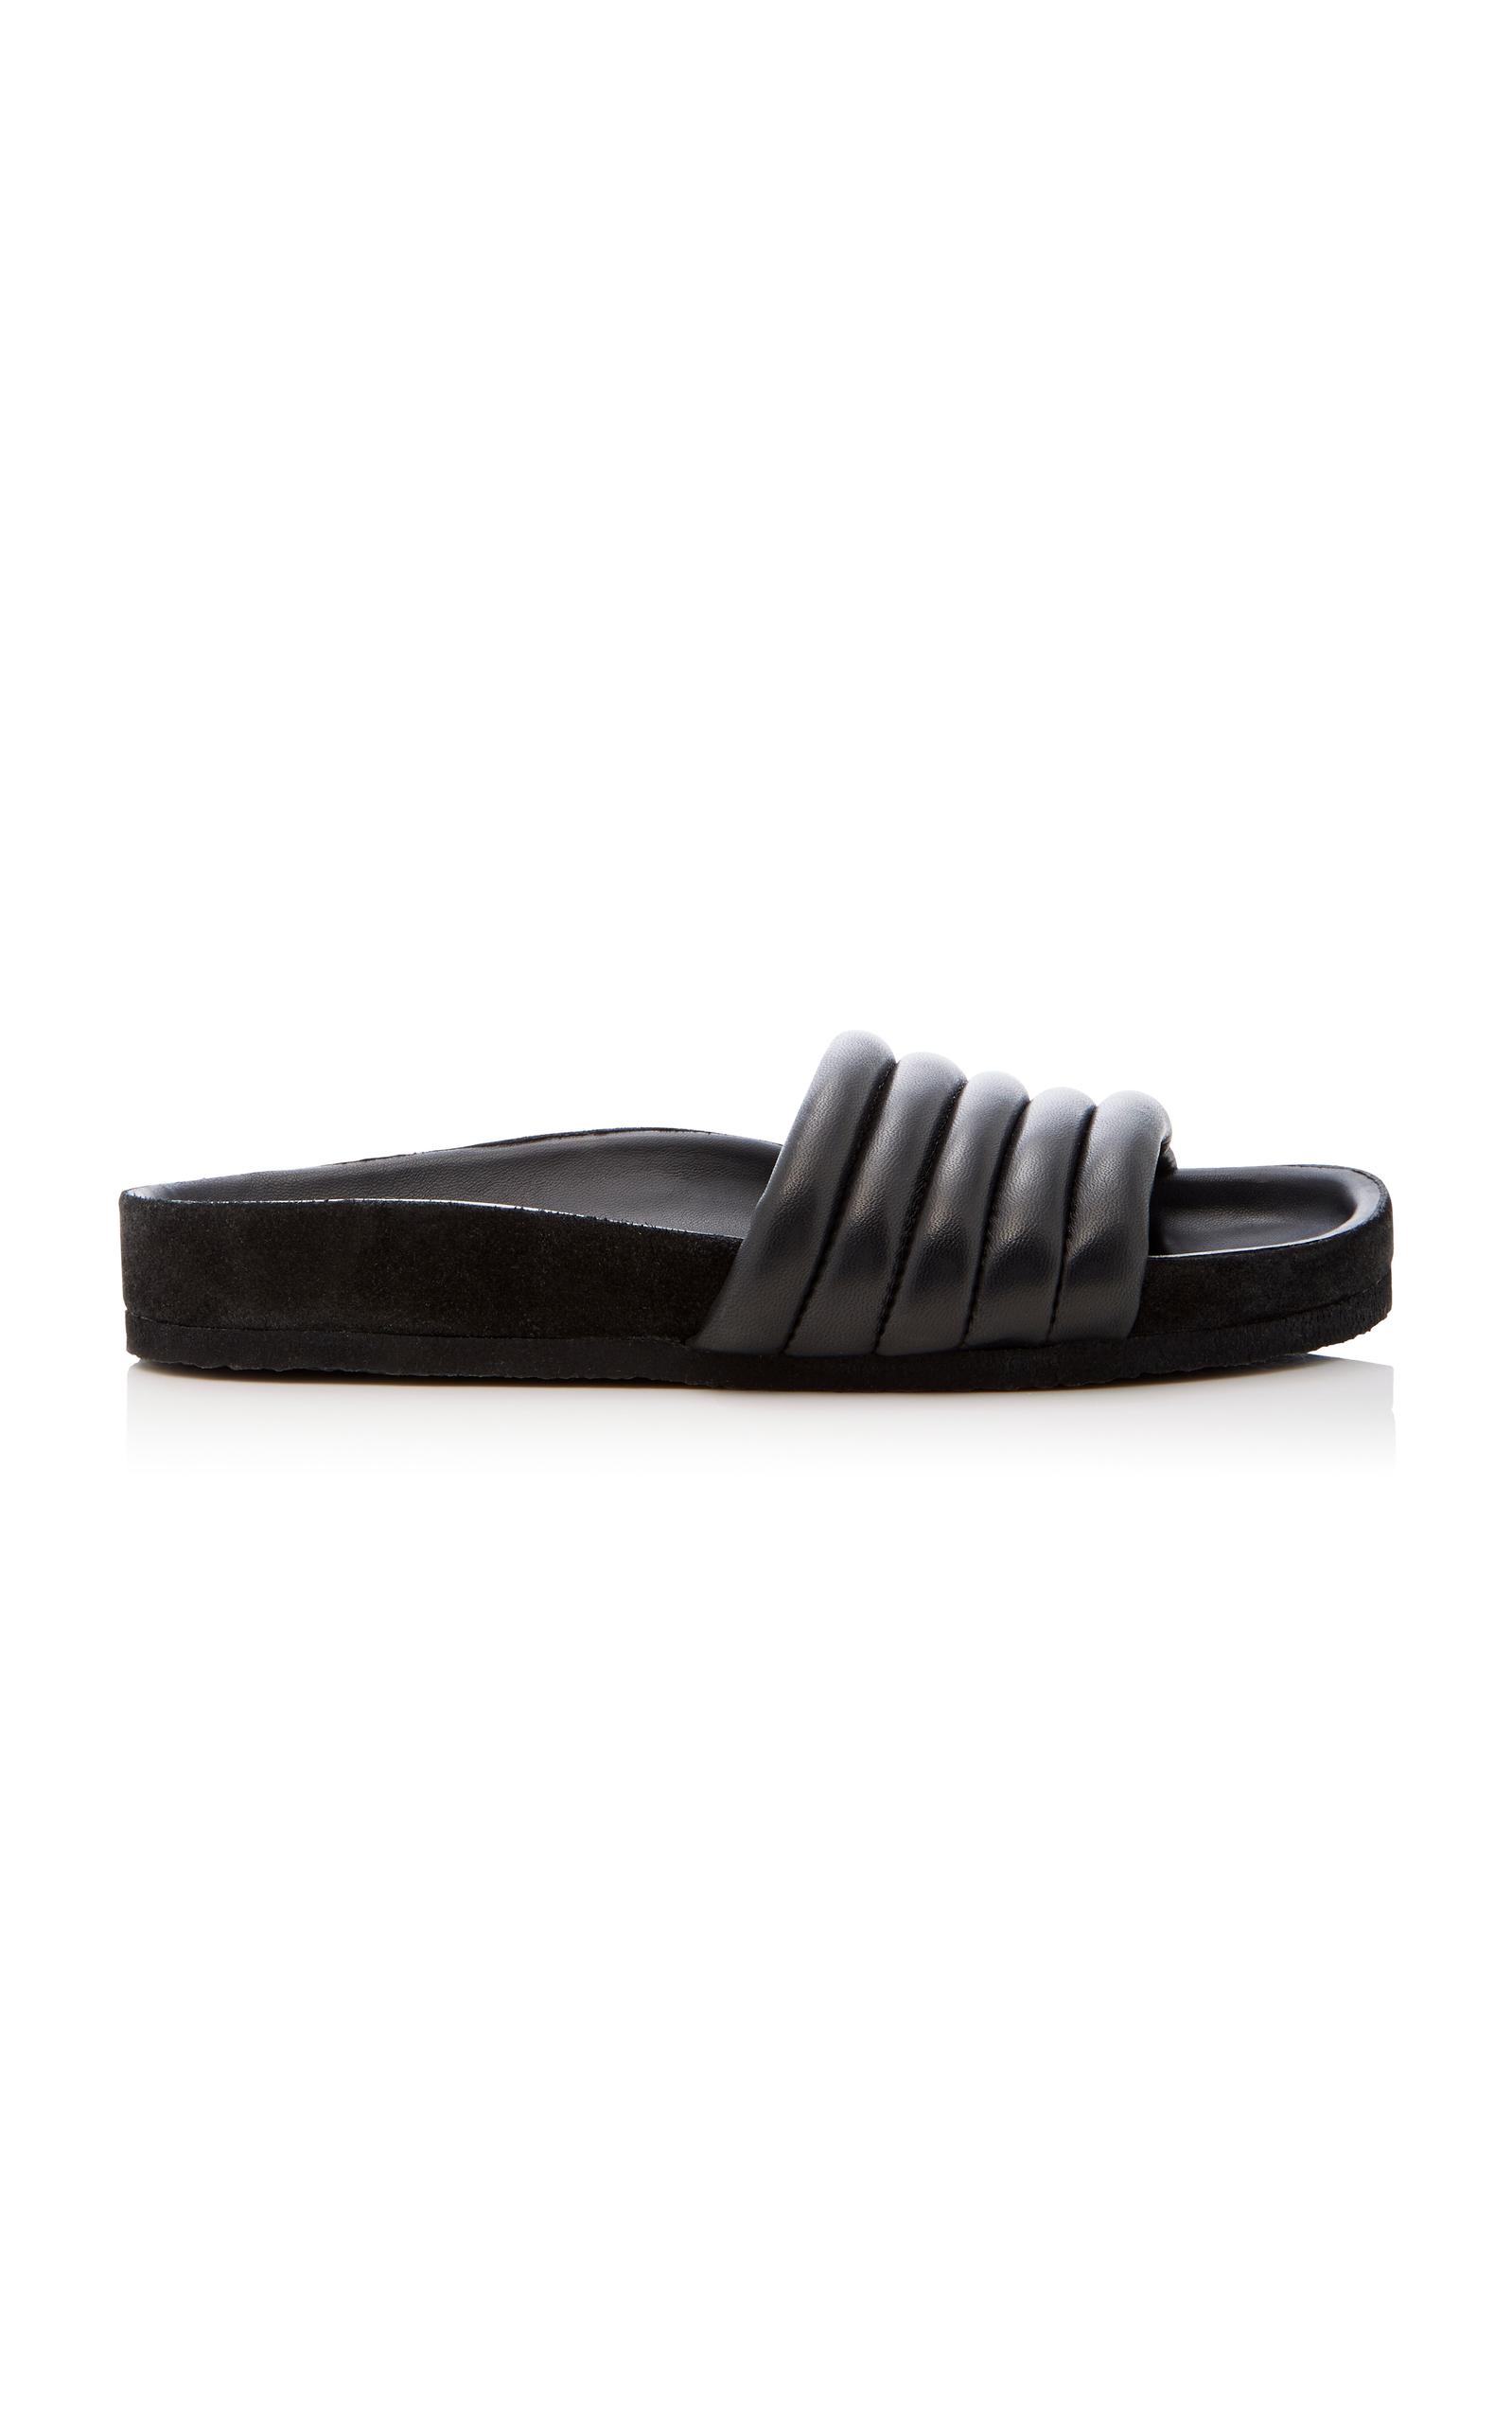 Hellea Metallic Quilted Leather SlidesIsabel Marant 6hmUli